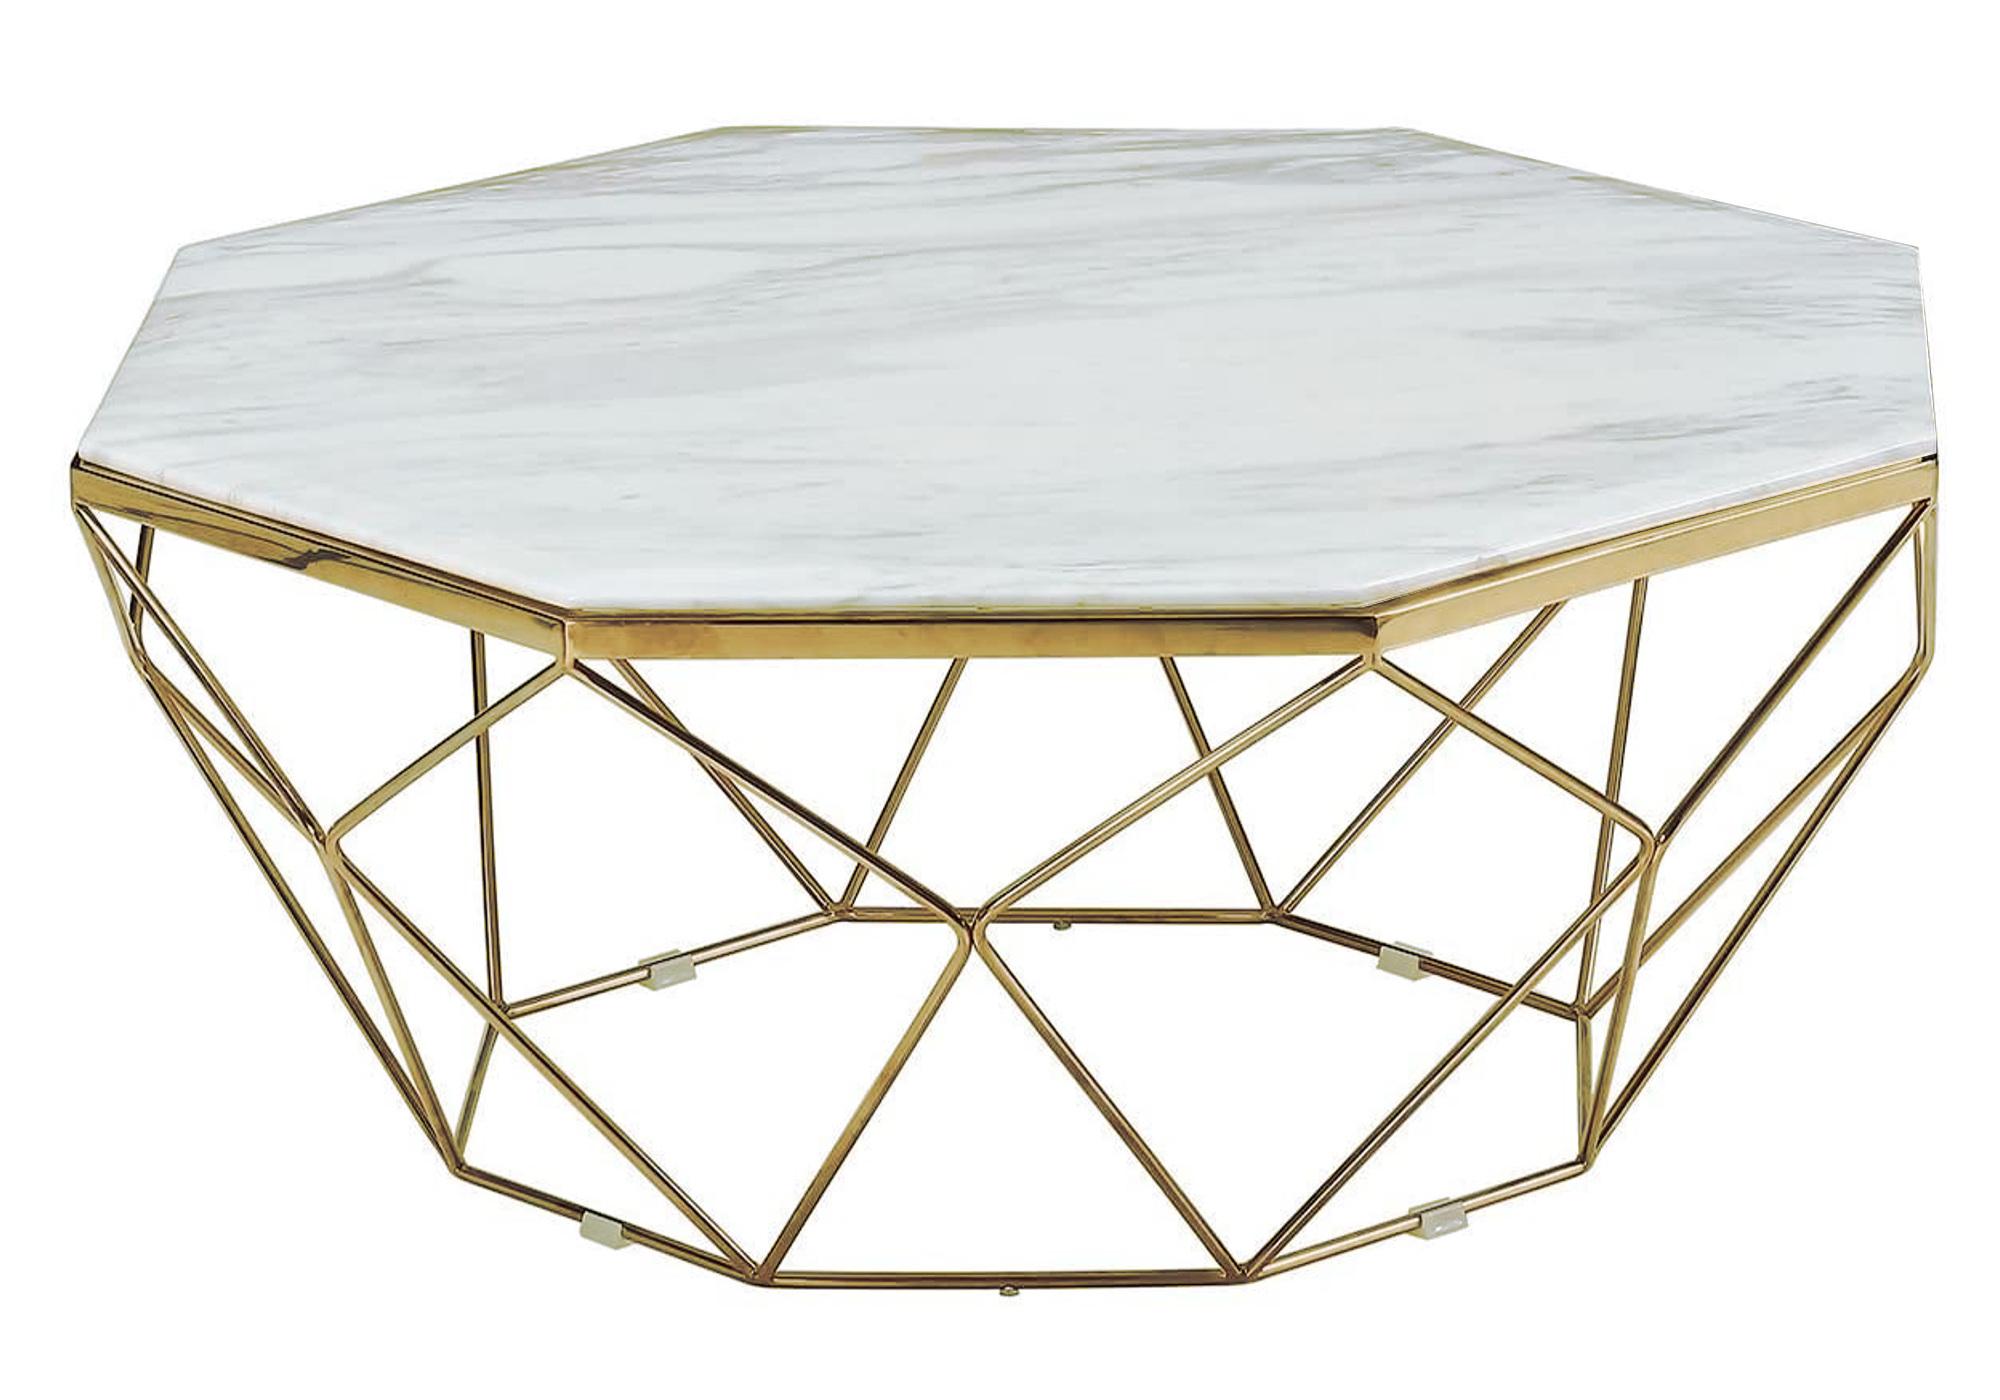 Table basse octogonale doré marbre ILÉA